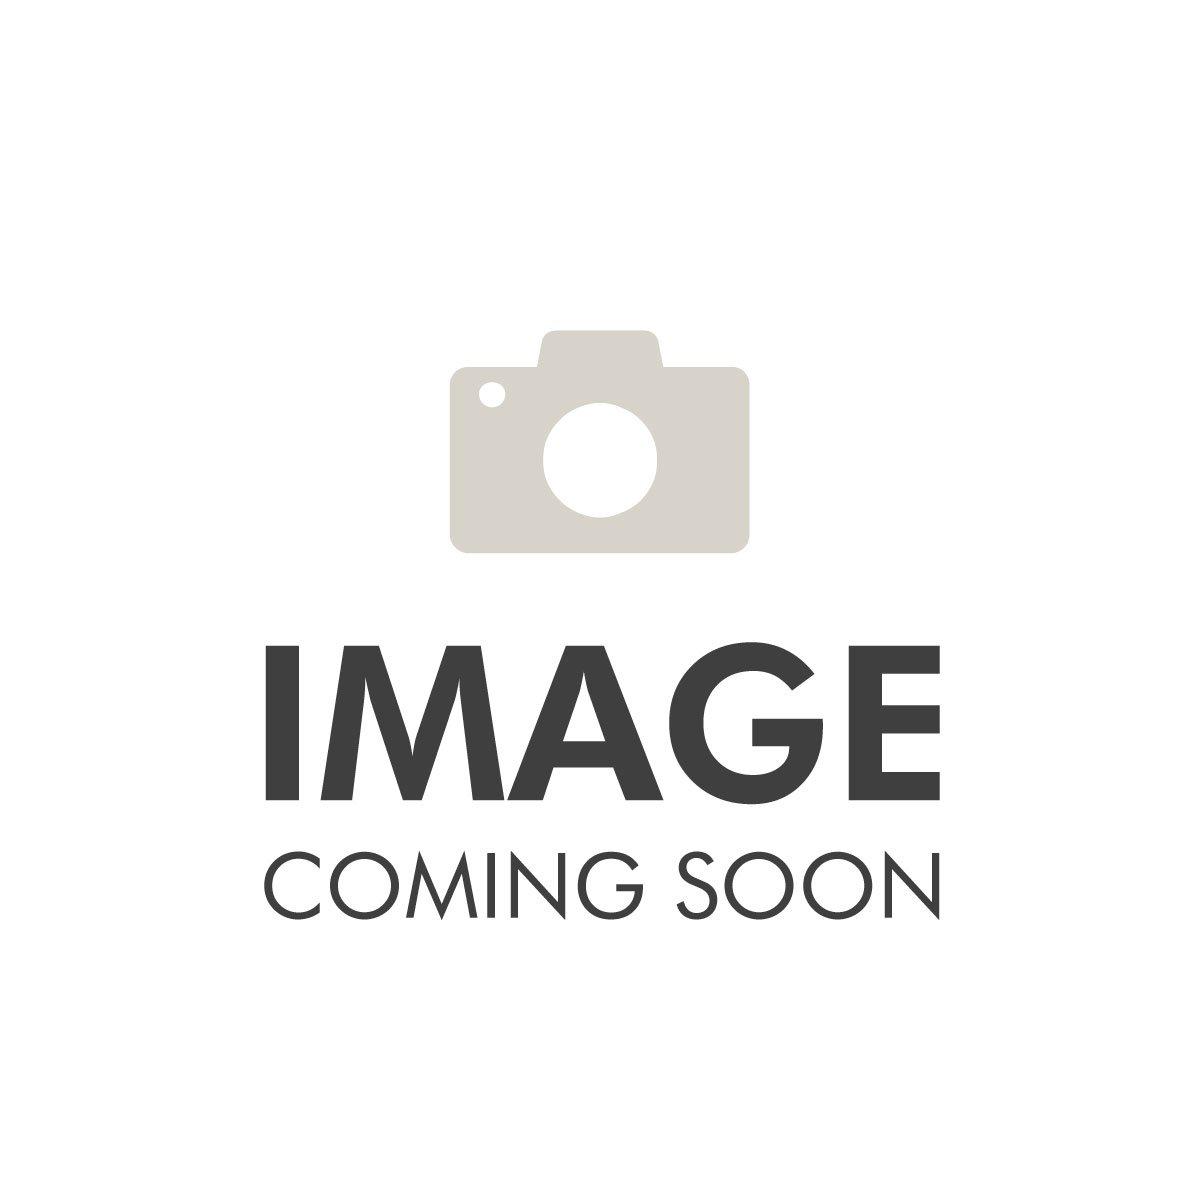 Schermasport - Fil de lame de fleuret